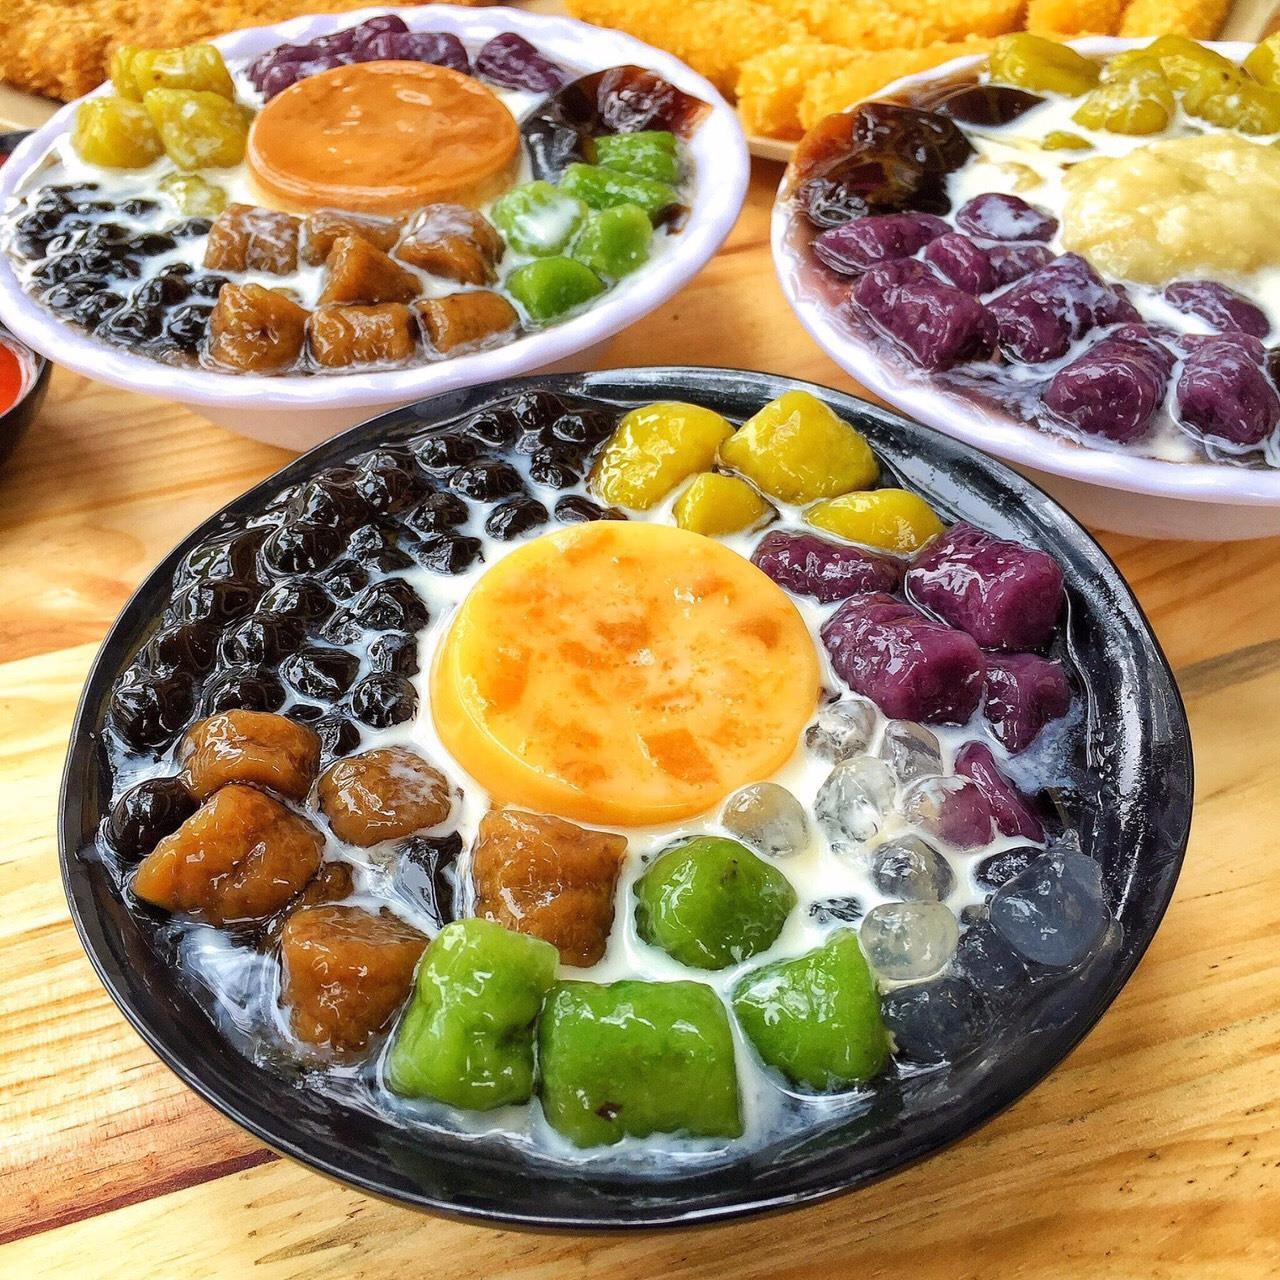 Thiên đường chè khoai dẻo và đồ ăn vặt siêu ngon tại Chick Garden - Ảnh 8.